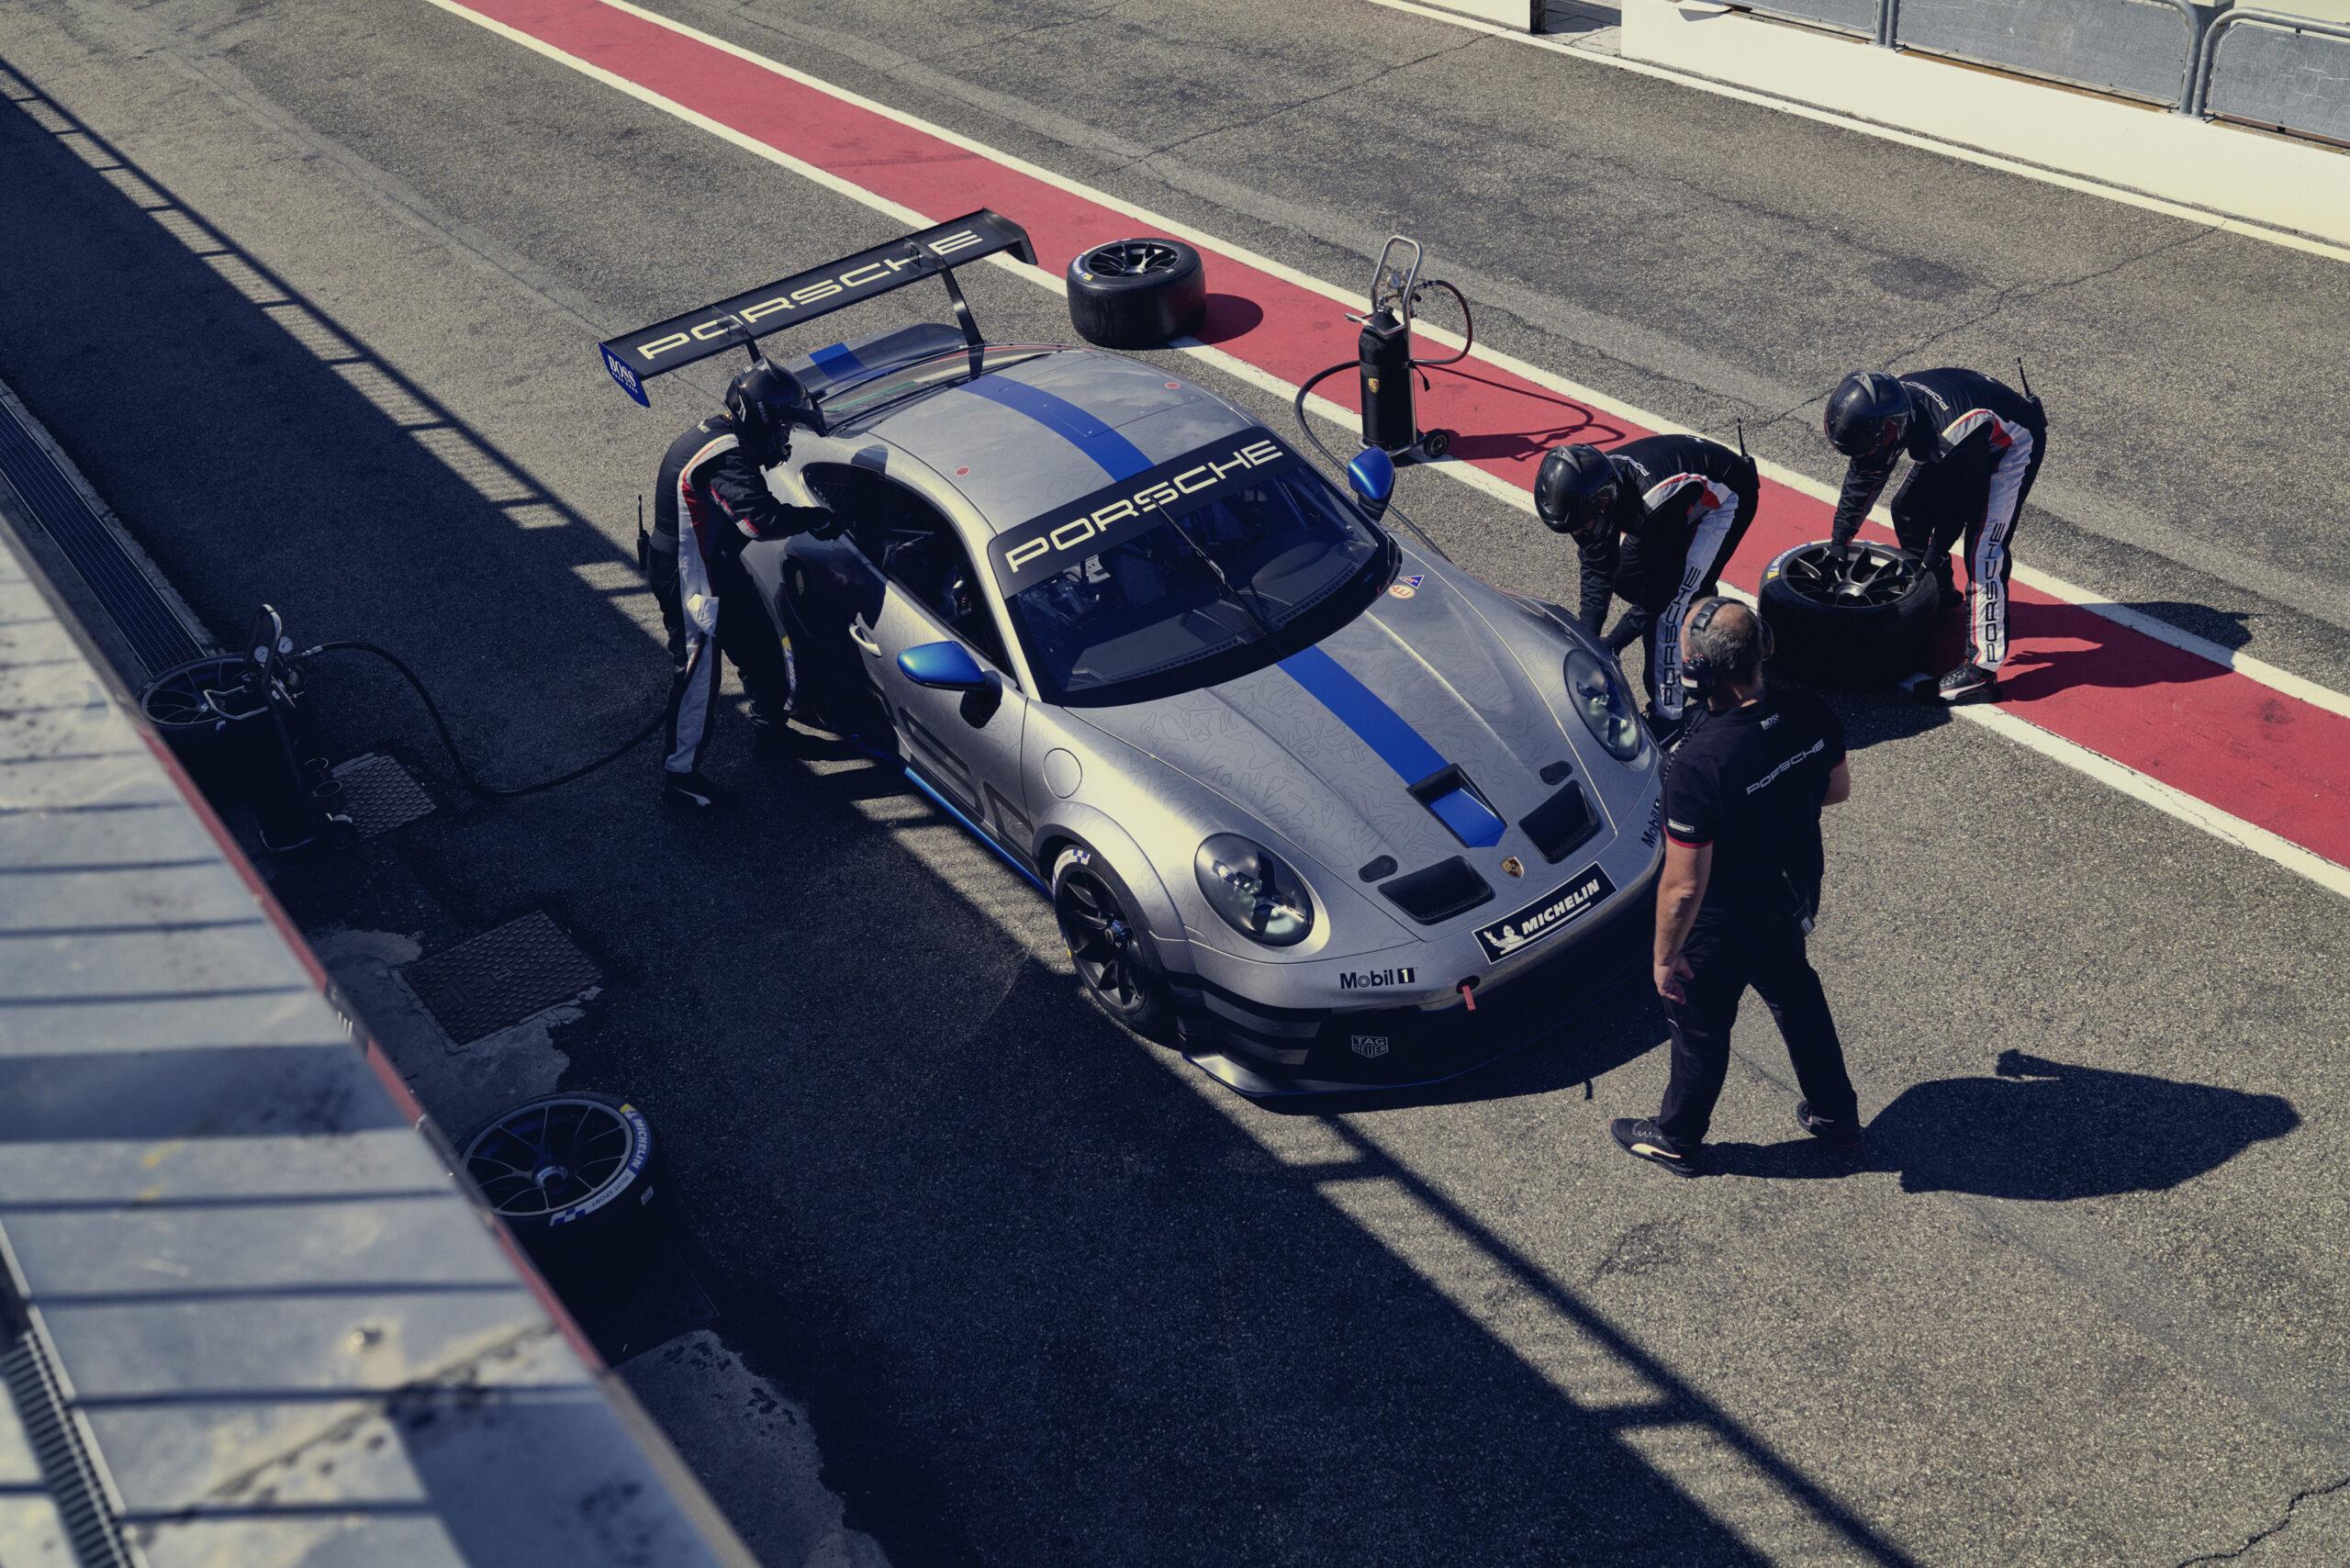 Porsche 911 GT3 Cup - zobaczcie zdjęcia tego spektakularnego samochodu wyścigowego!